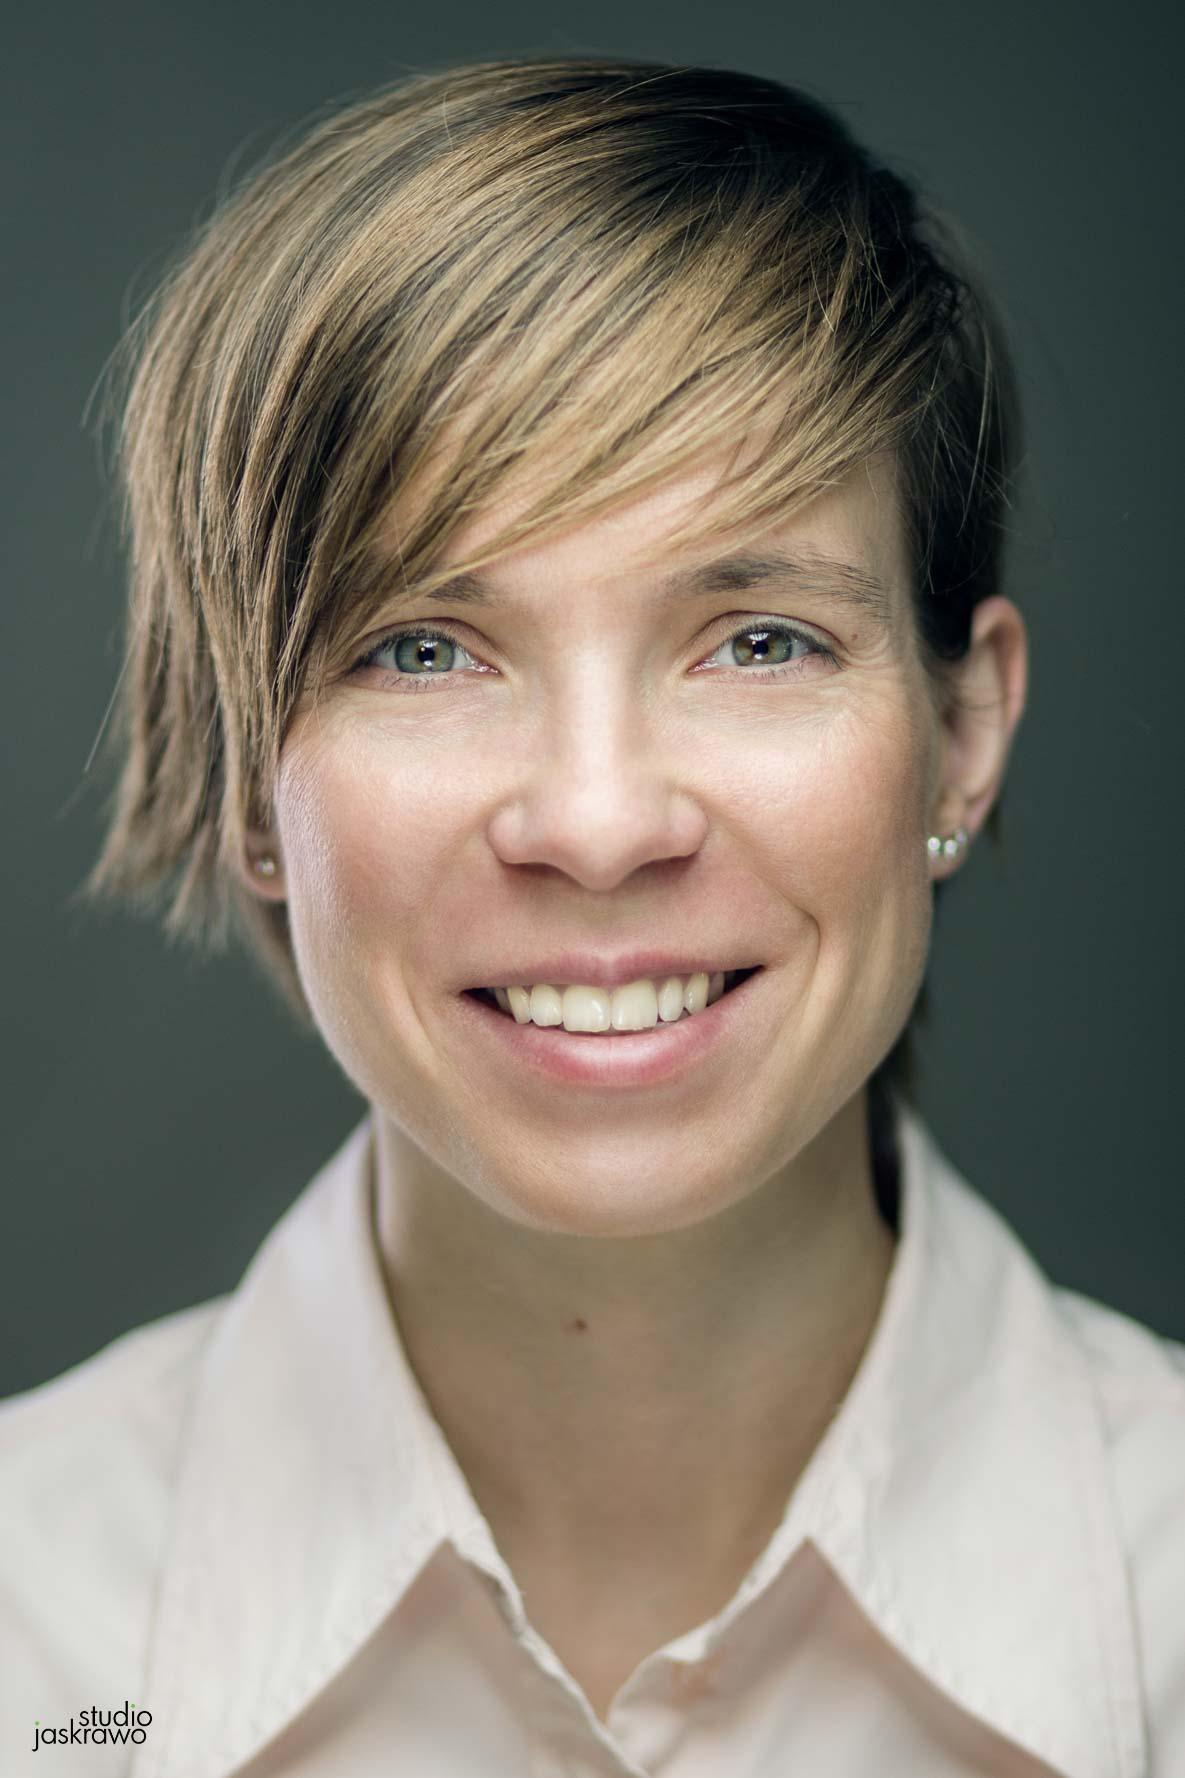 twarz uśmiechniętej kobiety z krótkimi włosami